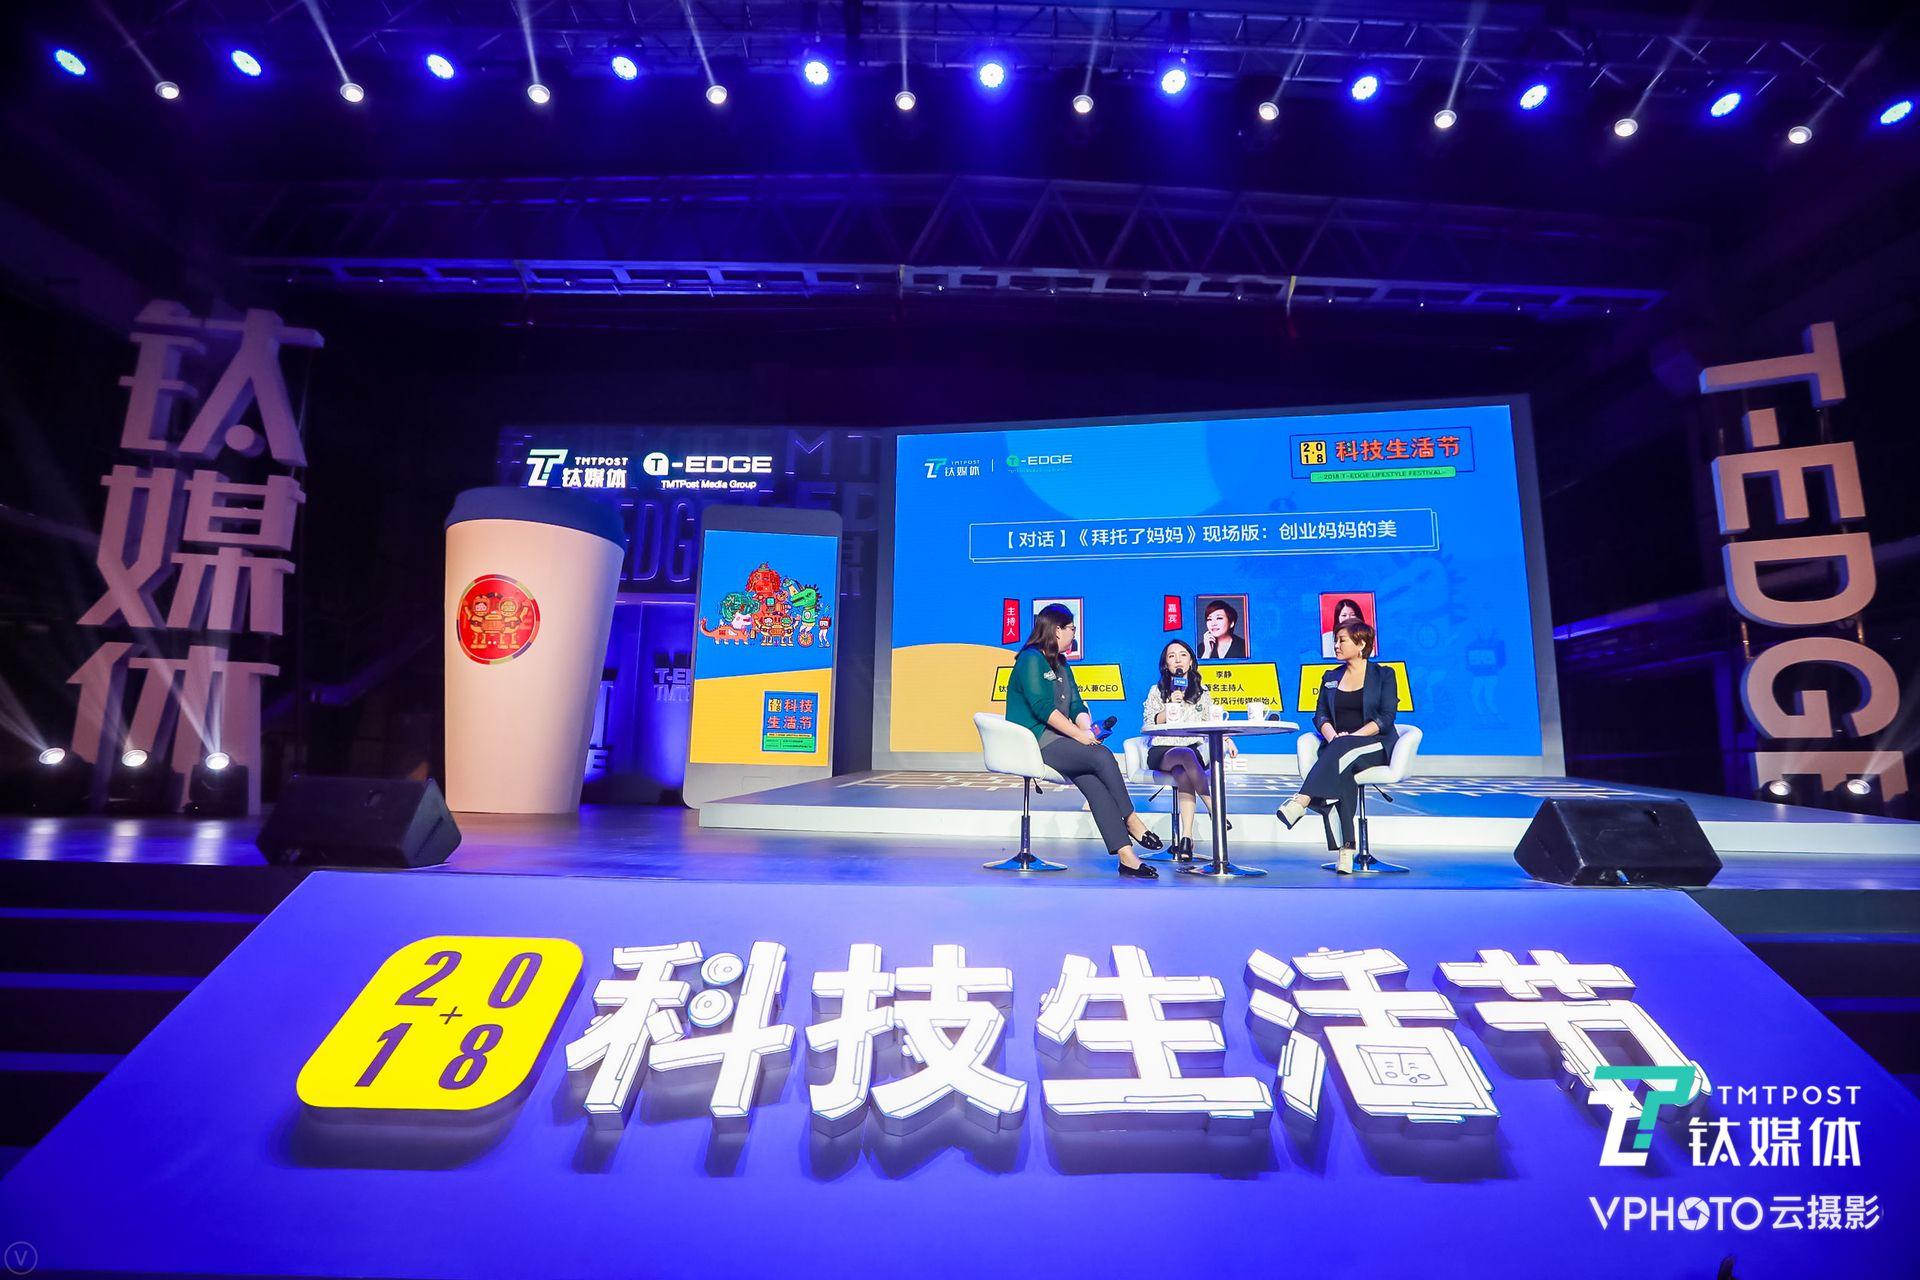 赵何娟、李静和郅慧三位创业妈妈同台:我们关于至美时刻的最高共识   科技生活节